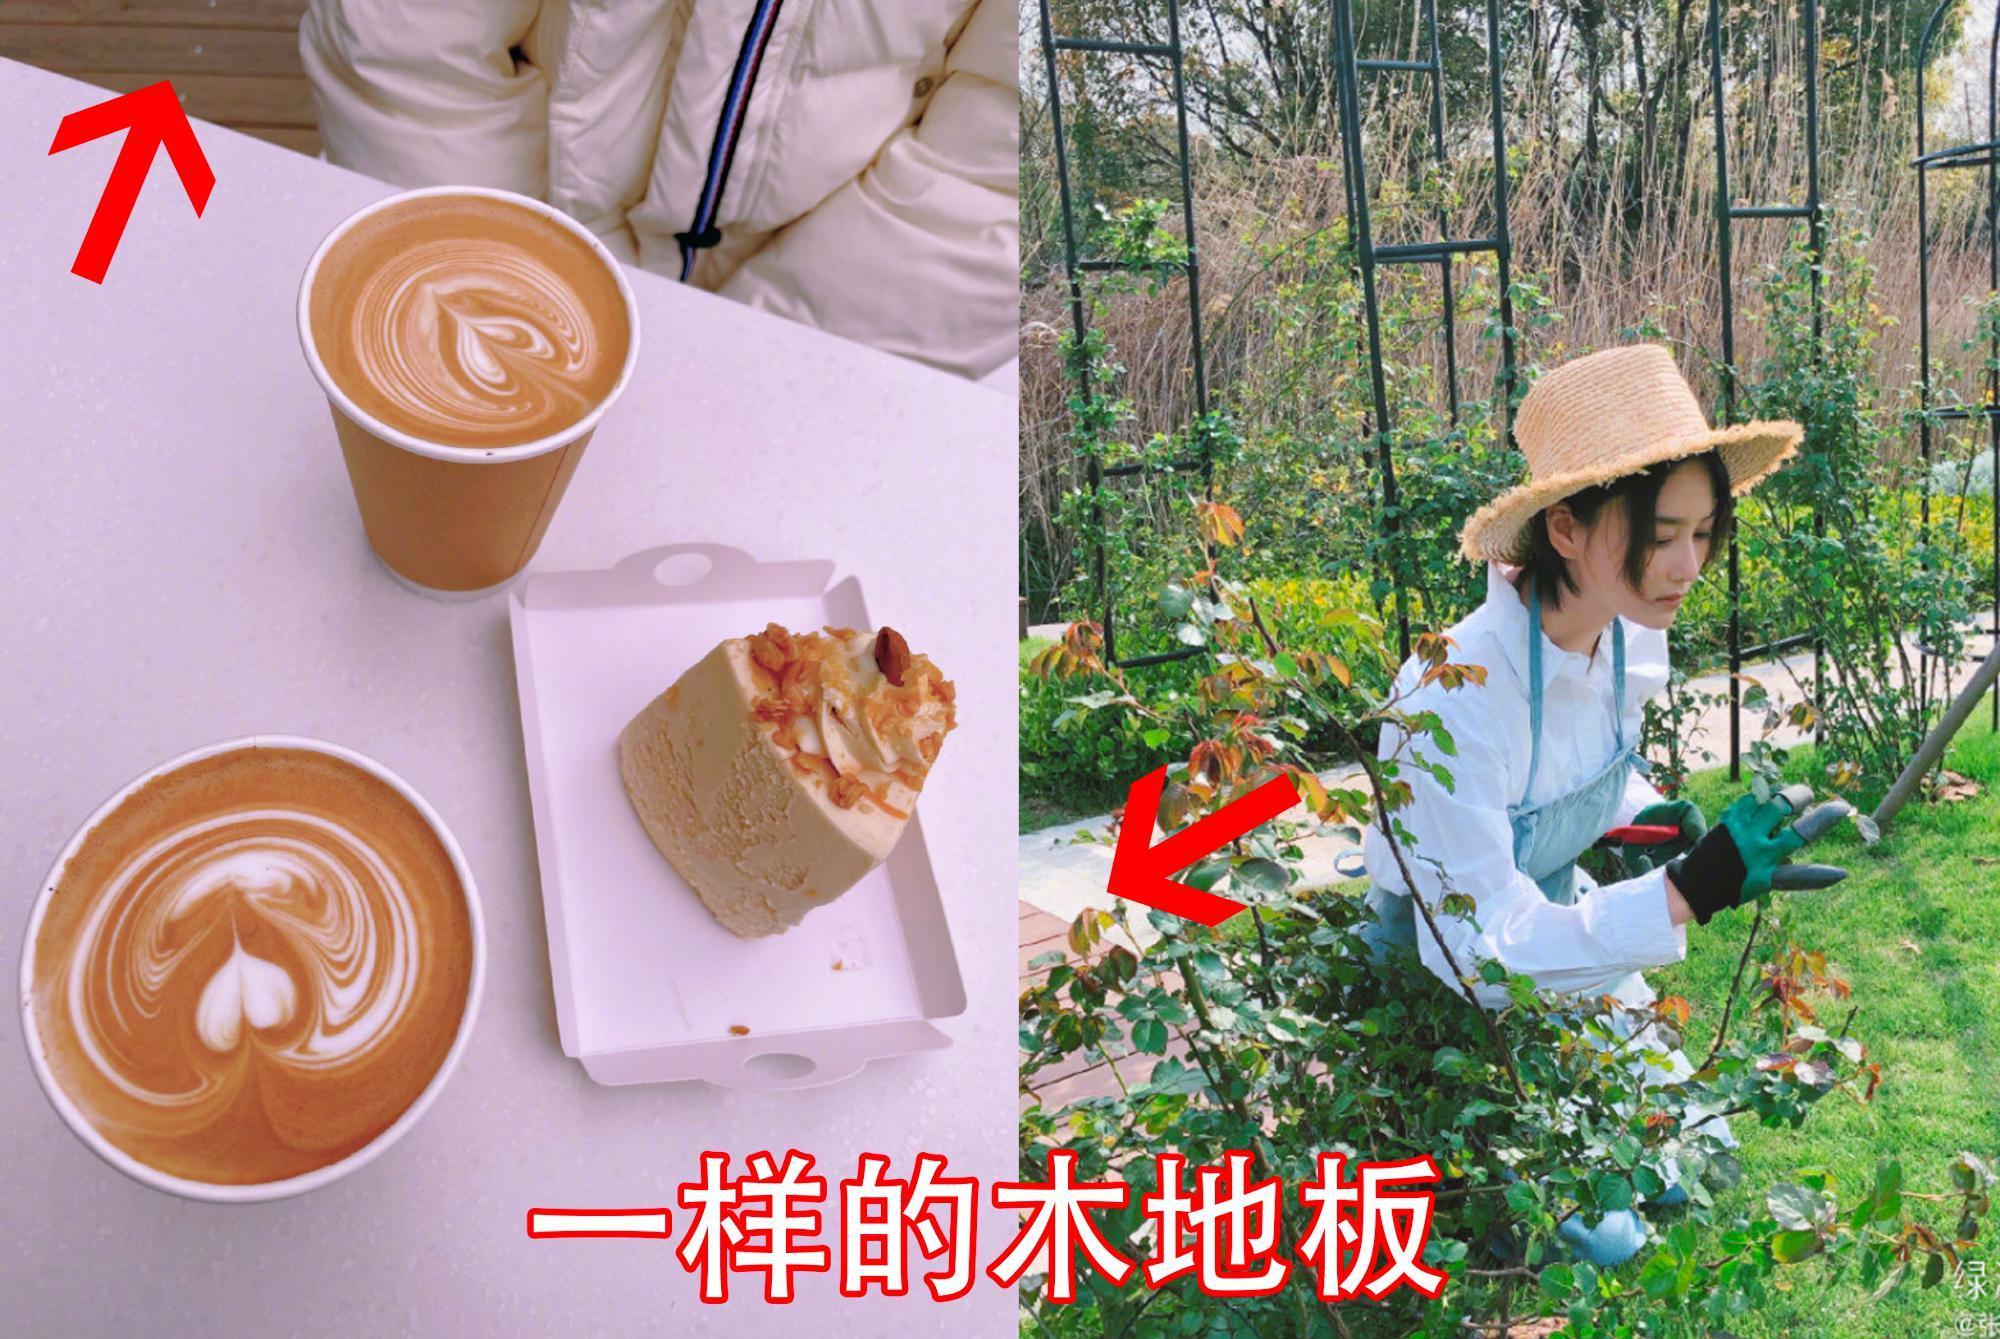 张馨予陪妈妈喝下午茶,亲自手冲咖啡做拉花,为女儿做蛋糕超贤惠